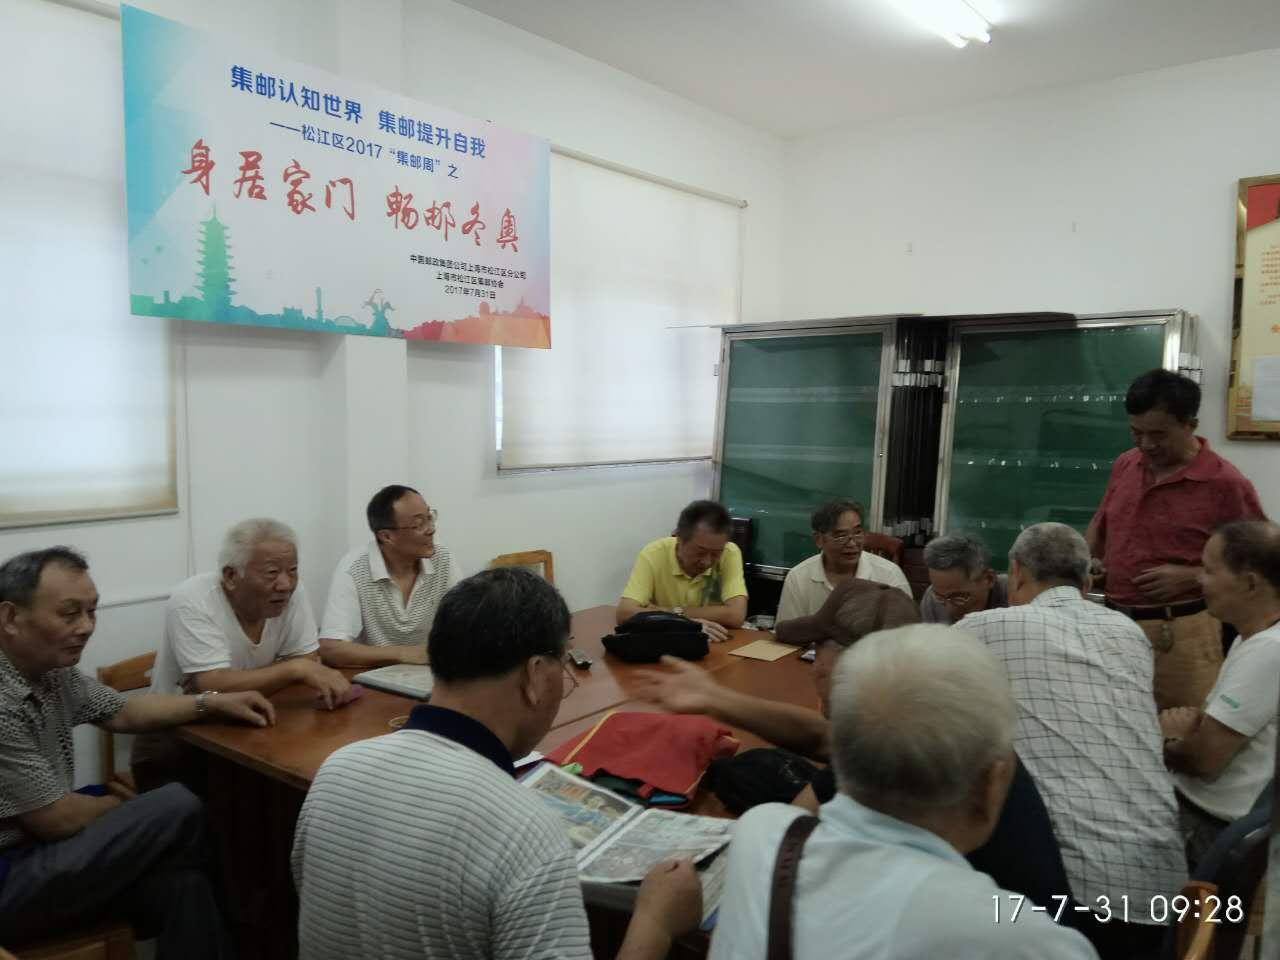 松江区集邮协会参加集邮周活动